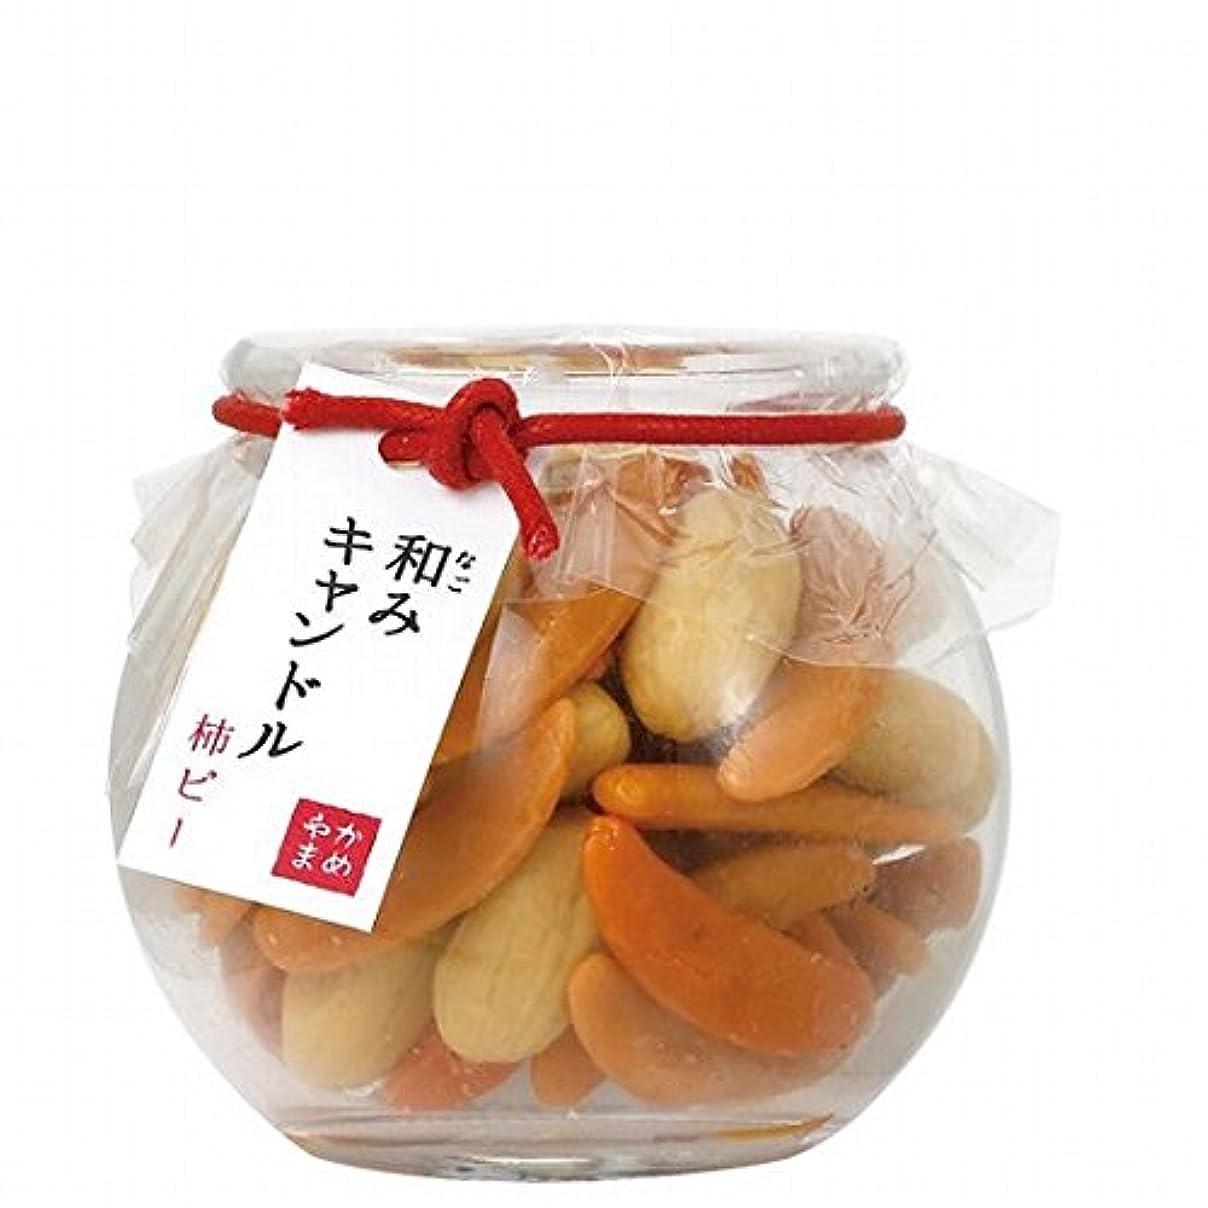 良心的支配的狂ったカメヤマキャンドル(kameyama candle) 和みキャンドル 「柿ピー」